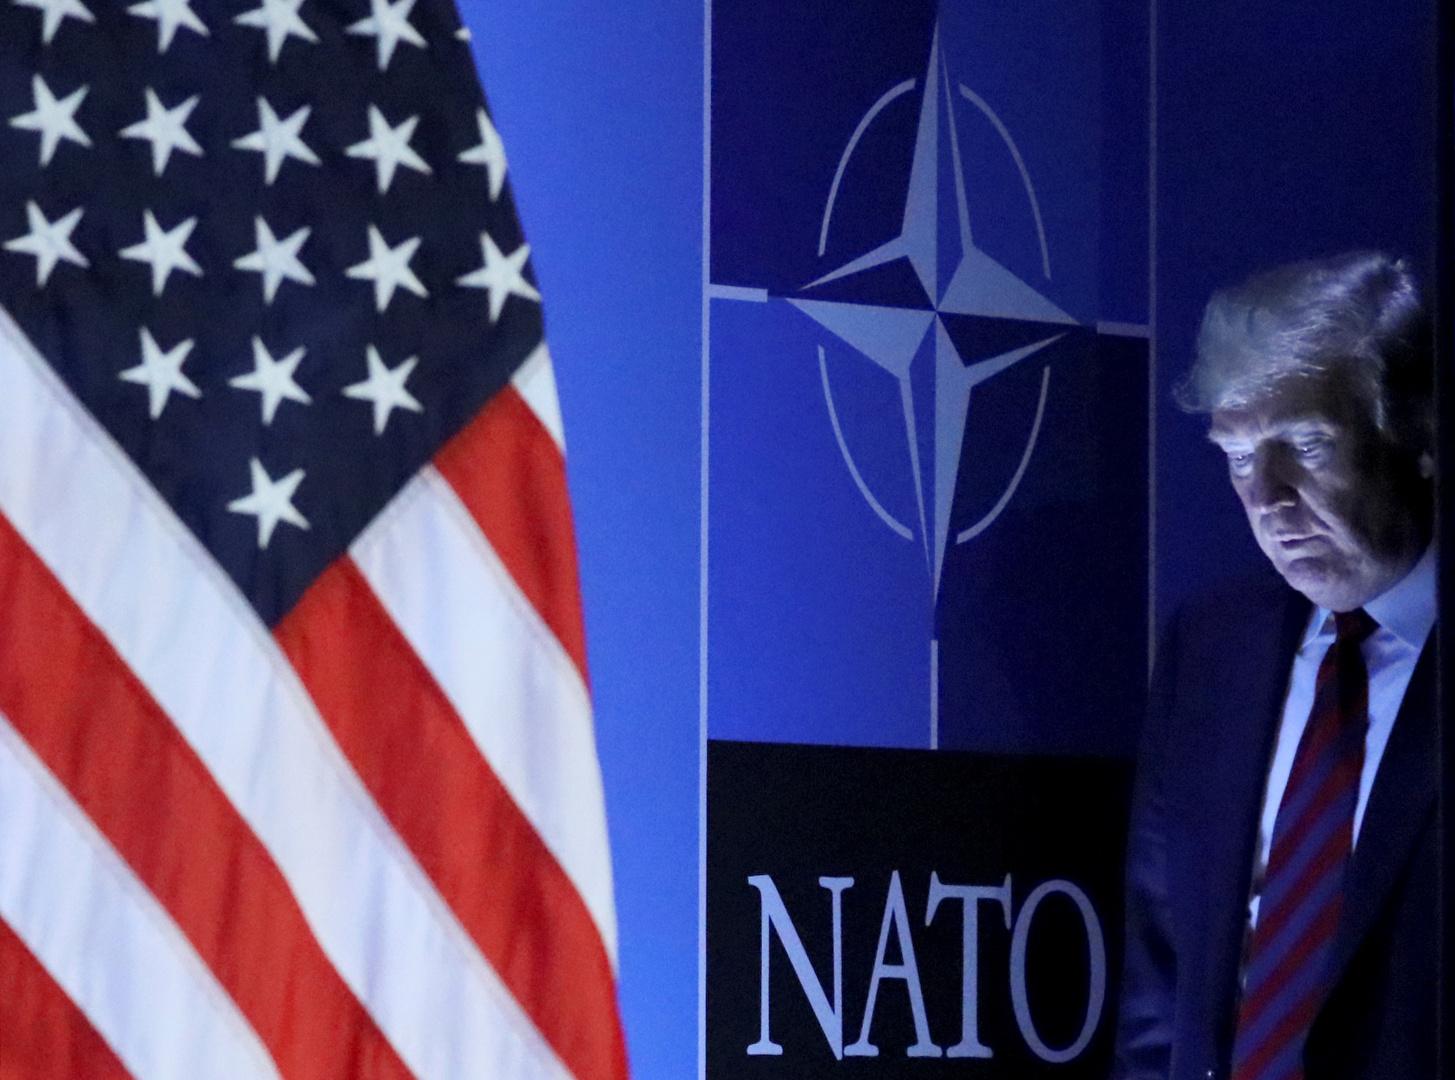 واشنطن: ننتظر من جميع دول الناتو أن ترفع إنفاقها العسكري بحلول العام 2024